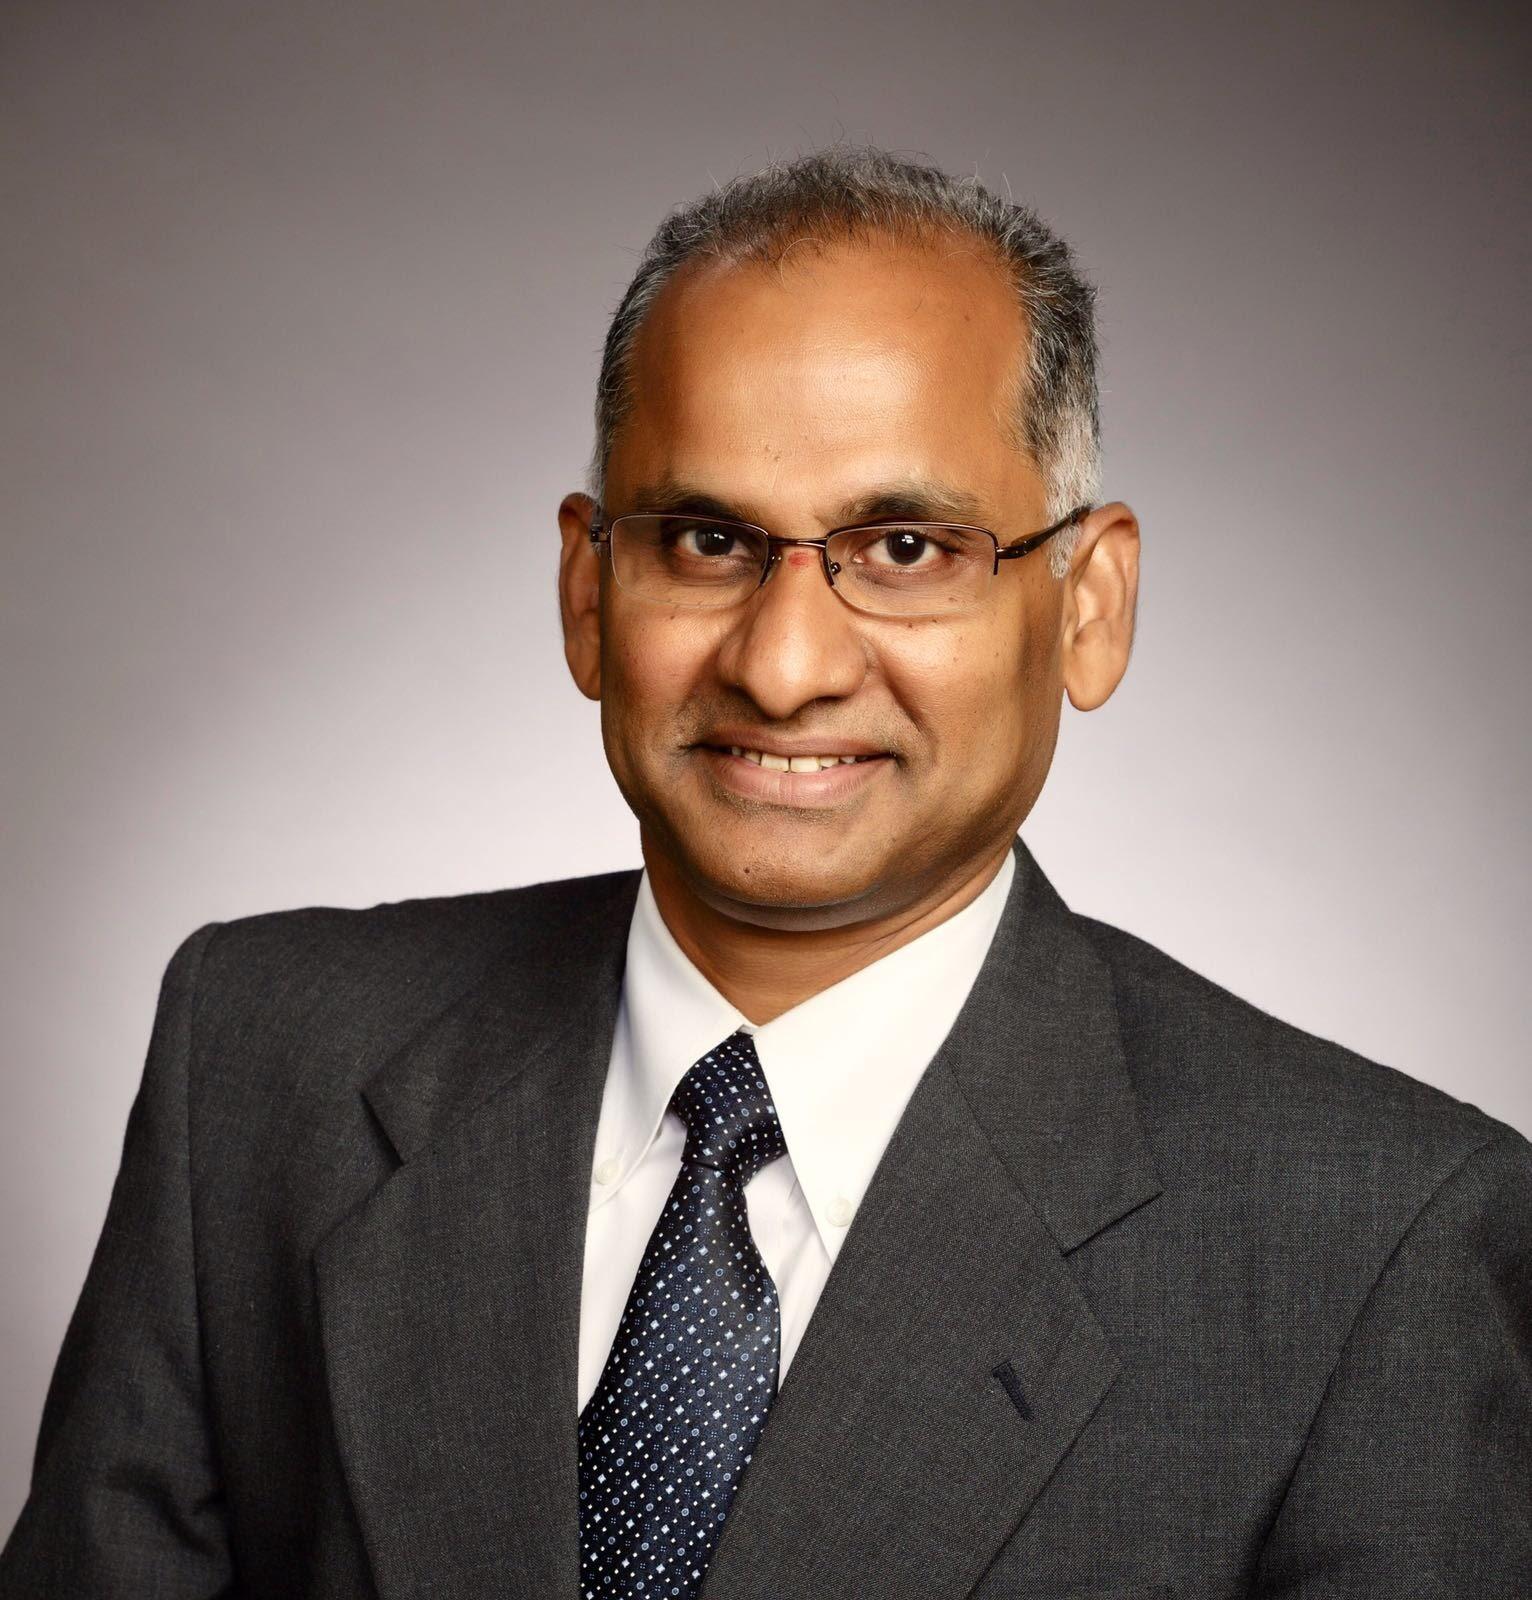 Dr. Kommalapati